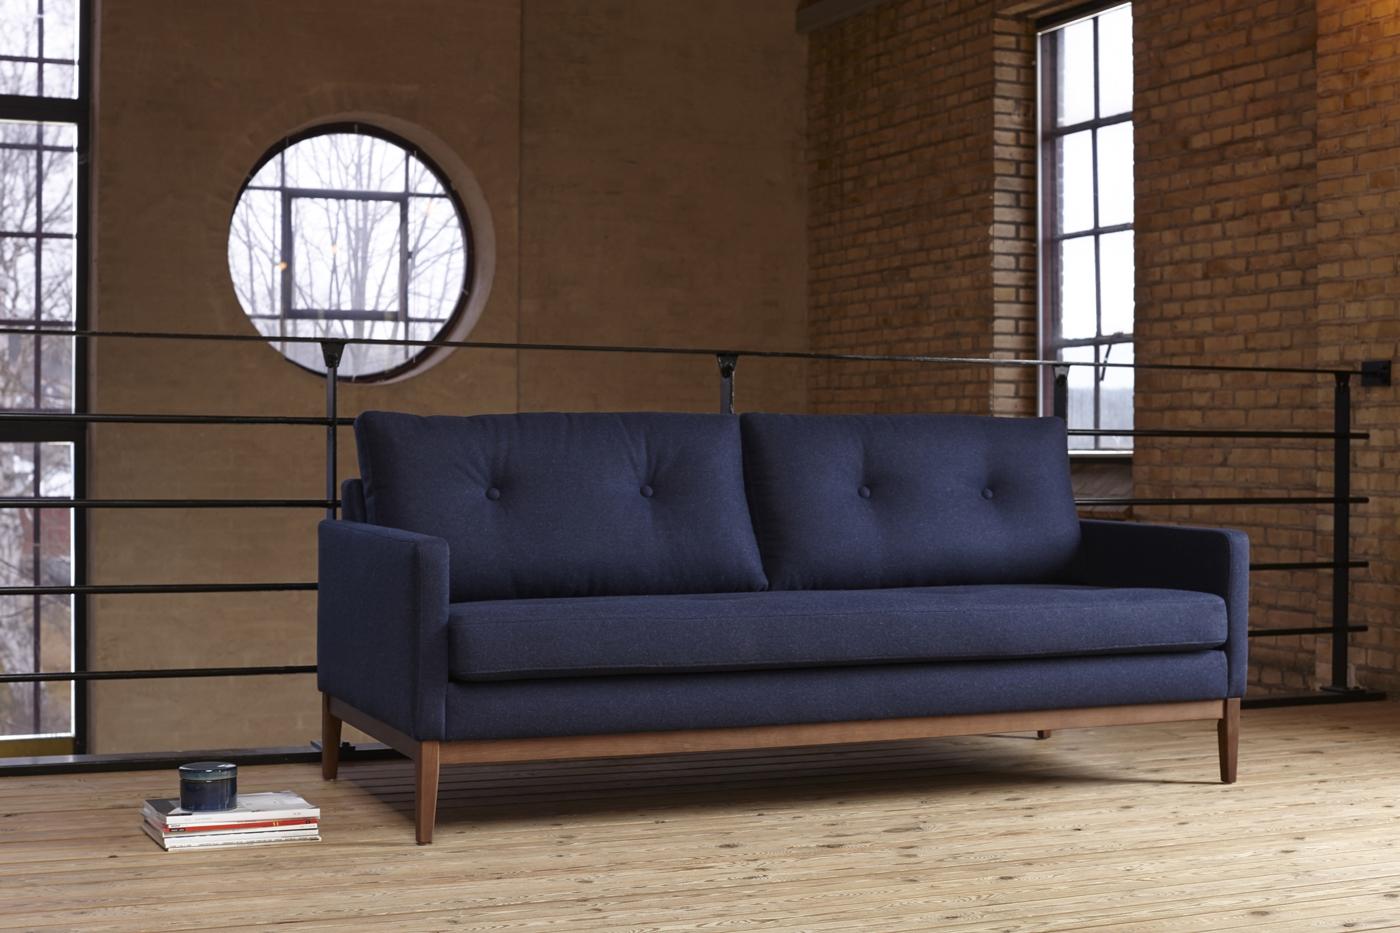 Sofá Finn - El fabricante danés Kragelund crea asientos con una gran comodidad y un aspecto distintivo. Los sofas de Kragelund, con su encanto escandinavo, están hechos para sentirse bien.